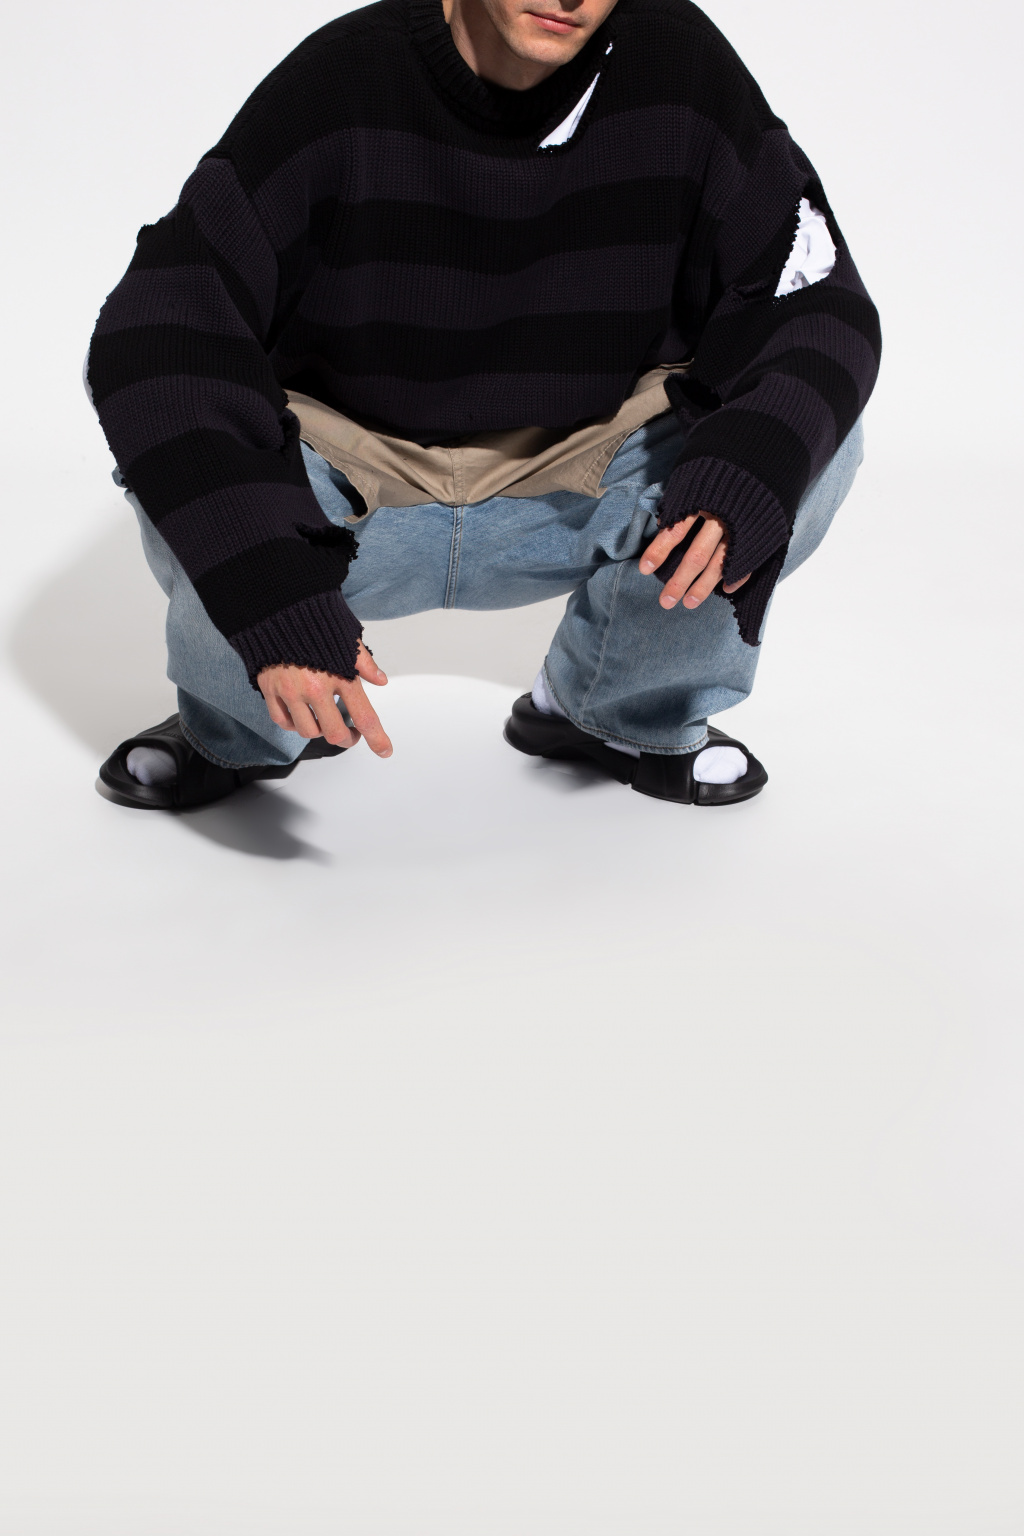 Balenciaga 'Mold' slides with logo